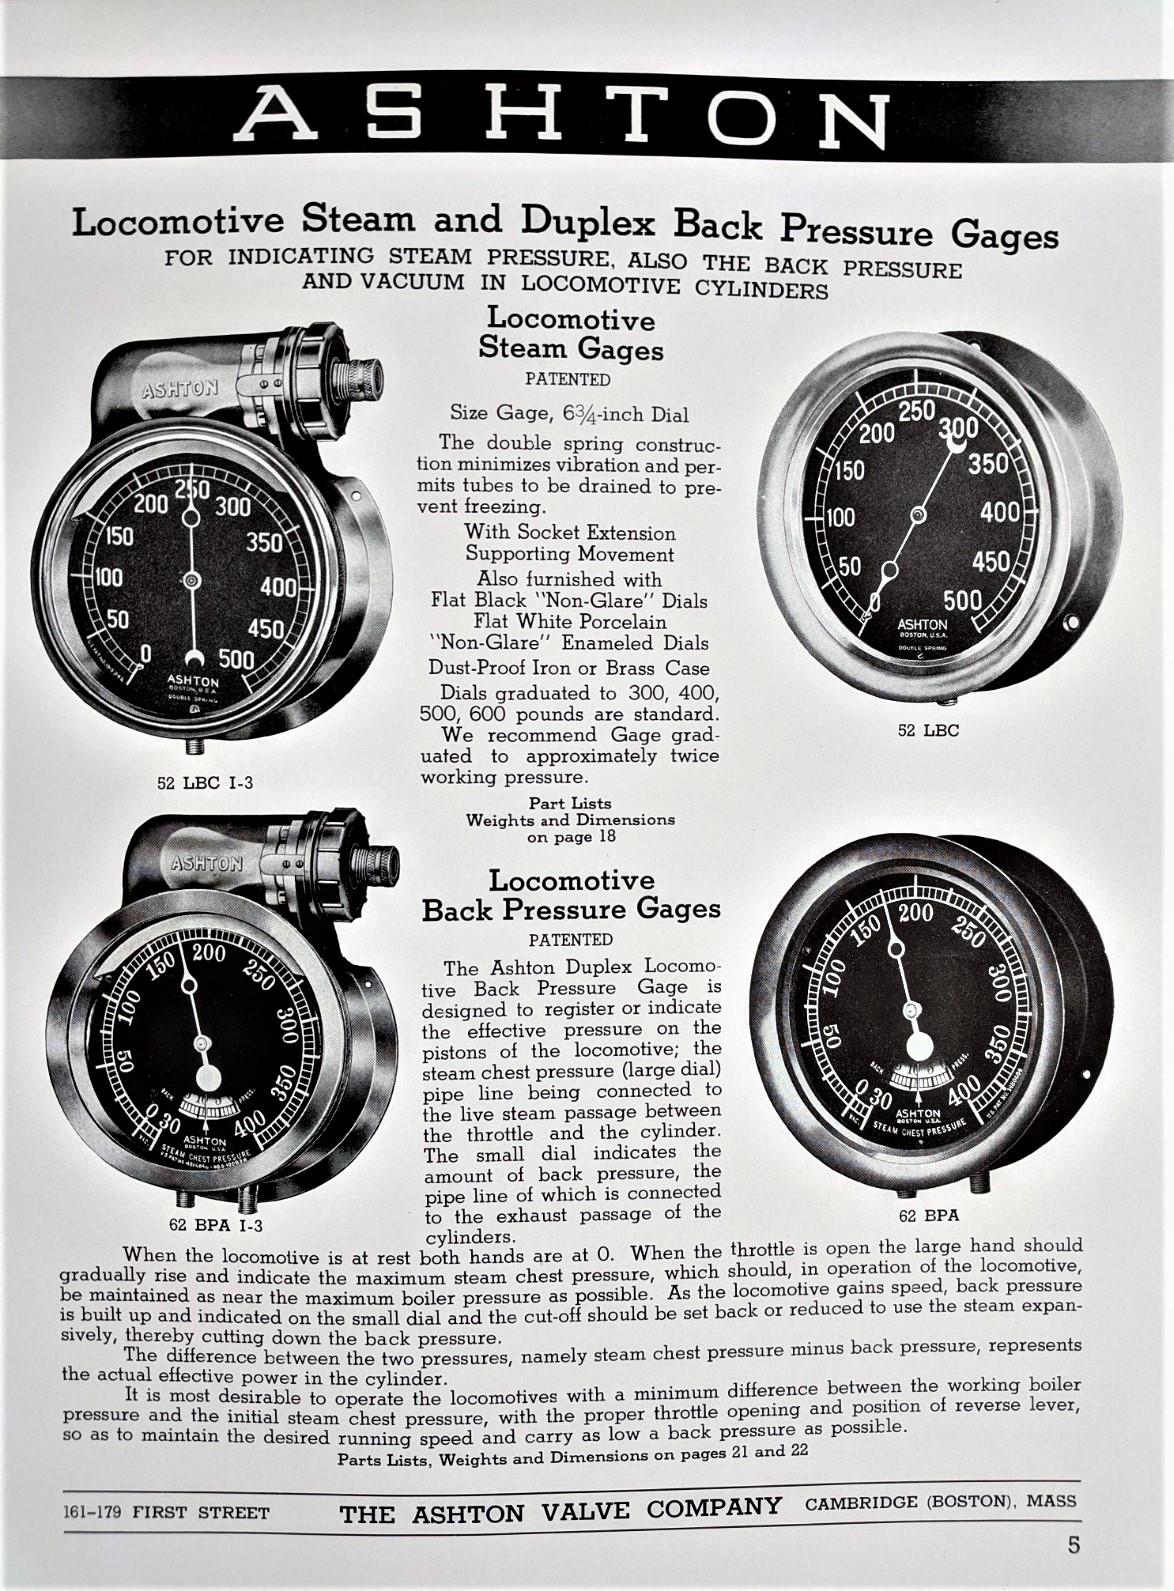 Ashton gage catalog 1941    5.jpg